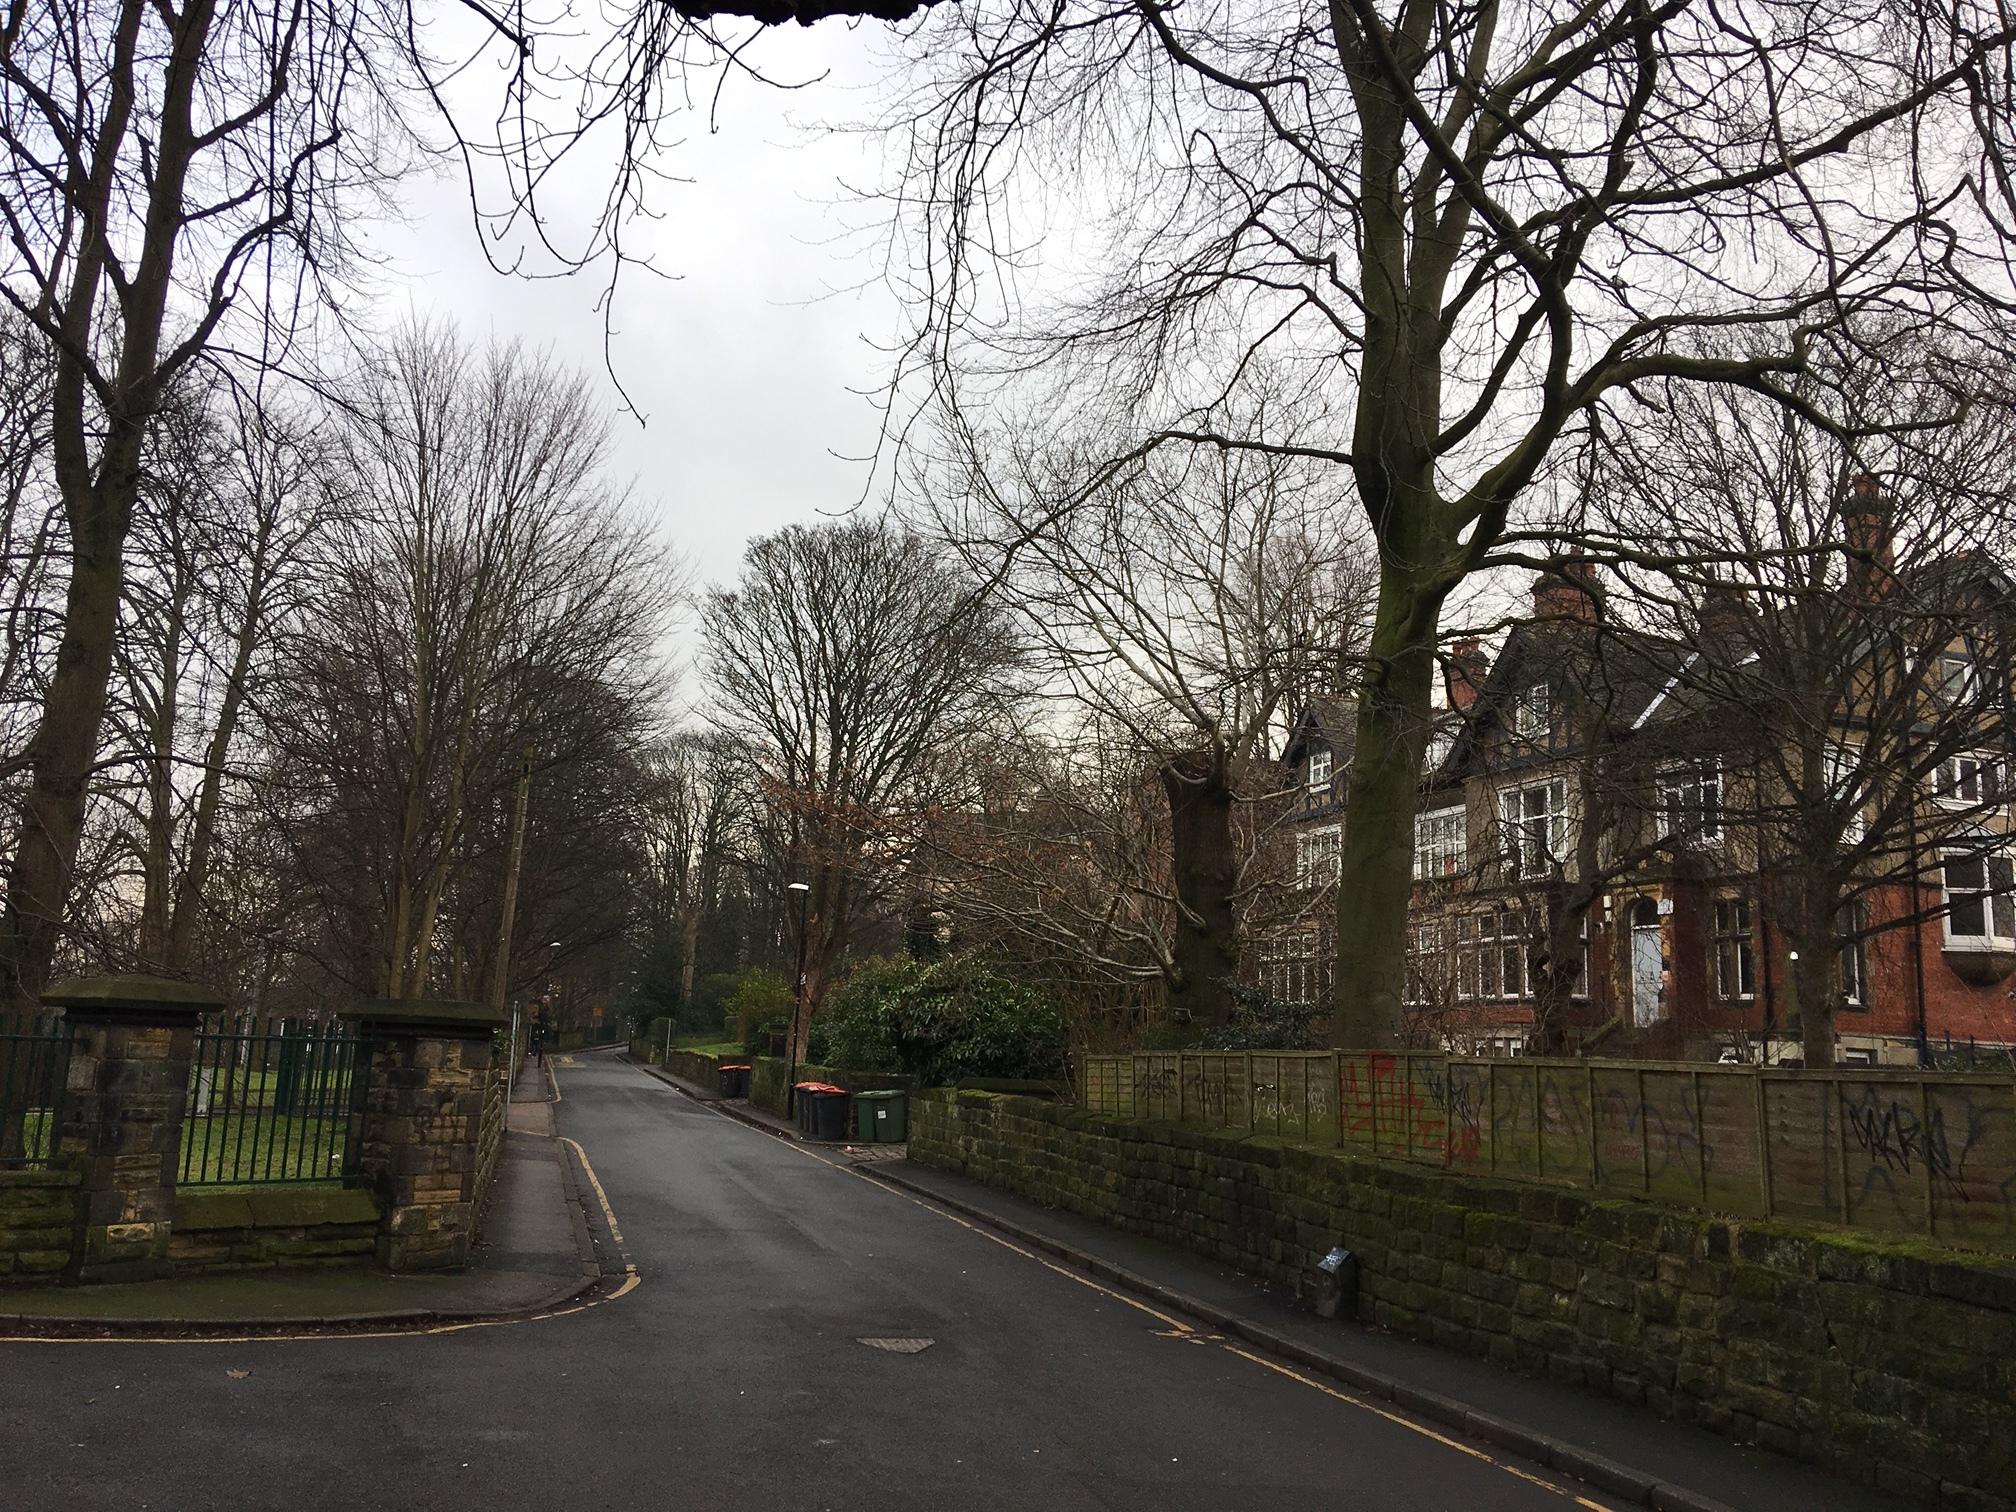 Wood Lane IMG_0130.JPG